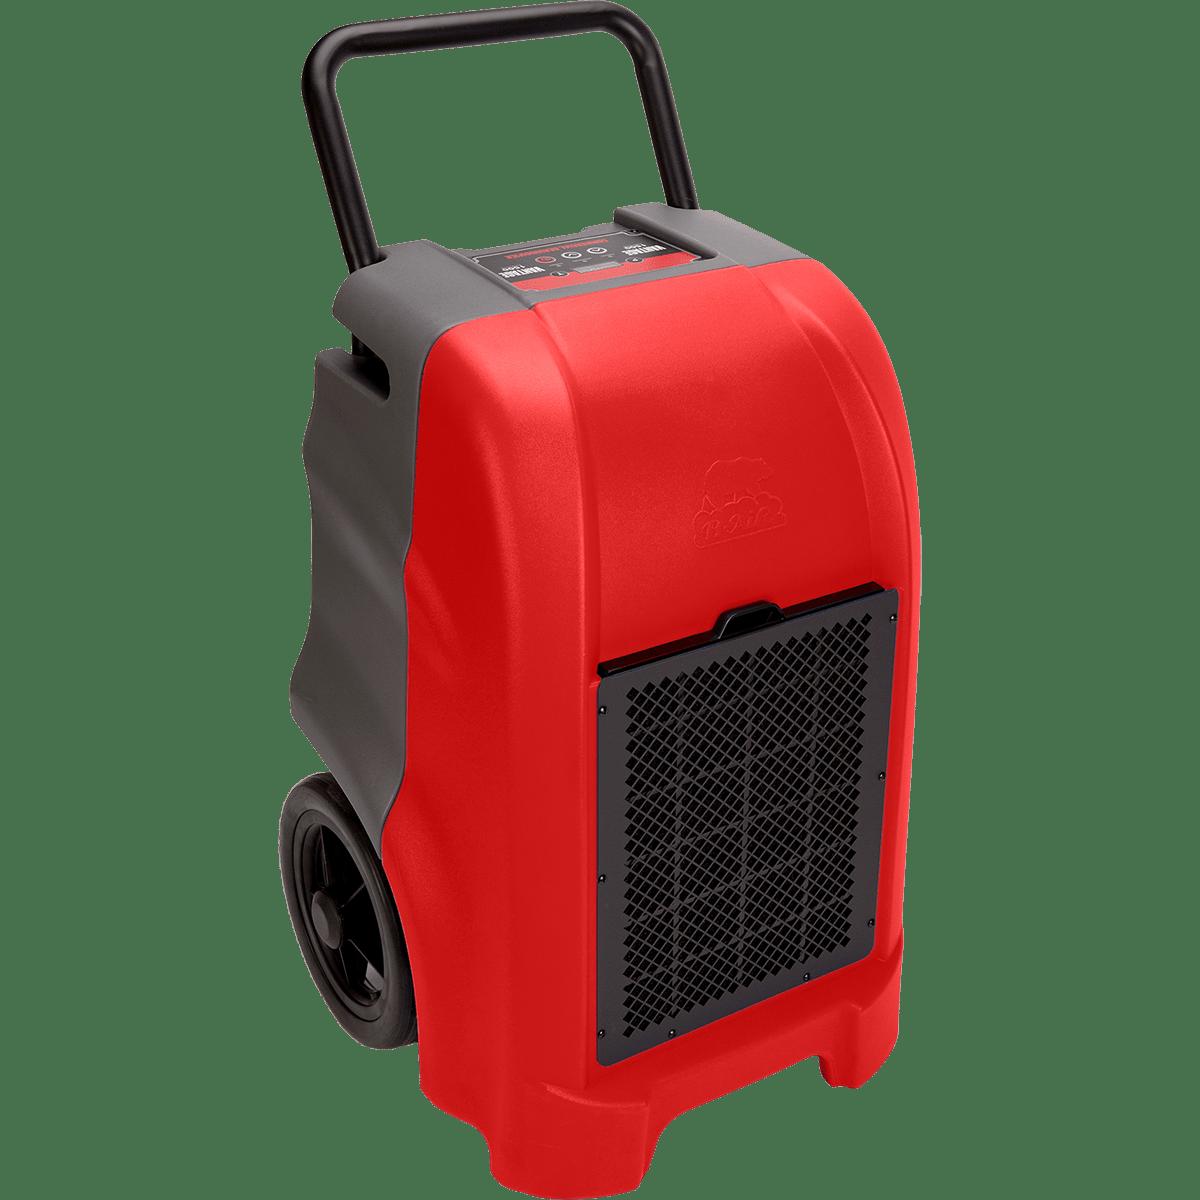 B-air Vantage 1500 Dehumidifier